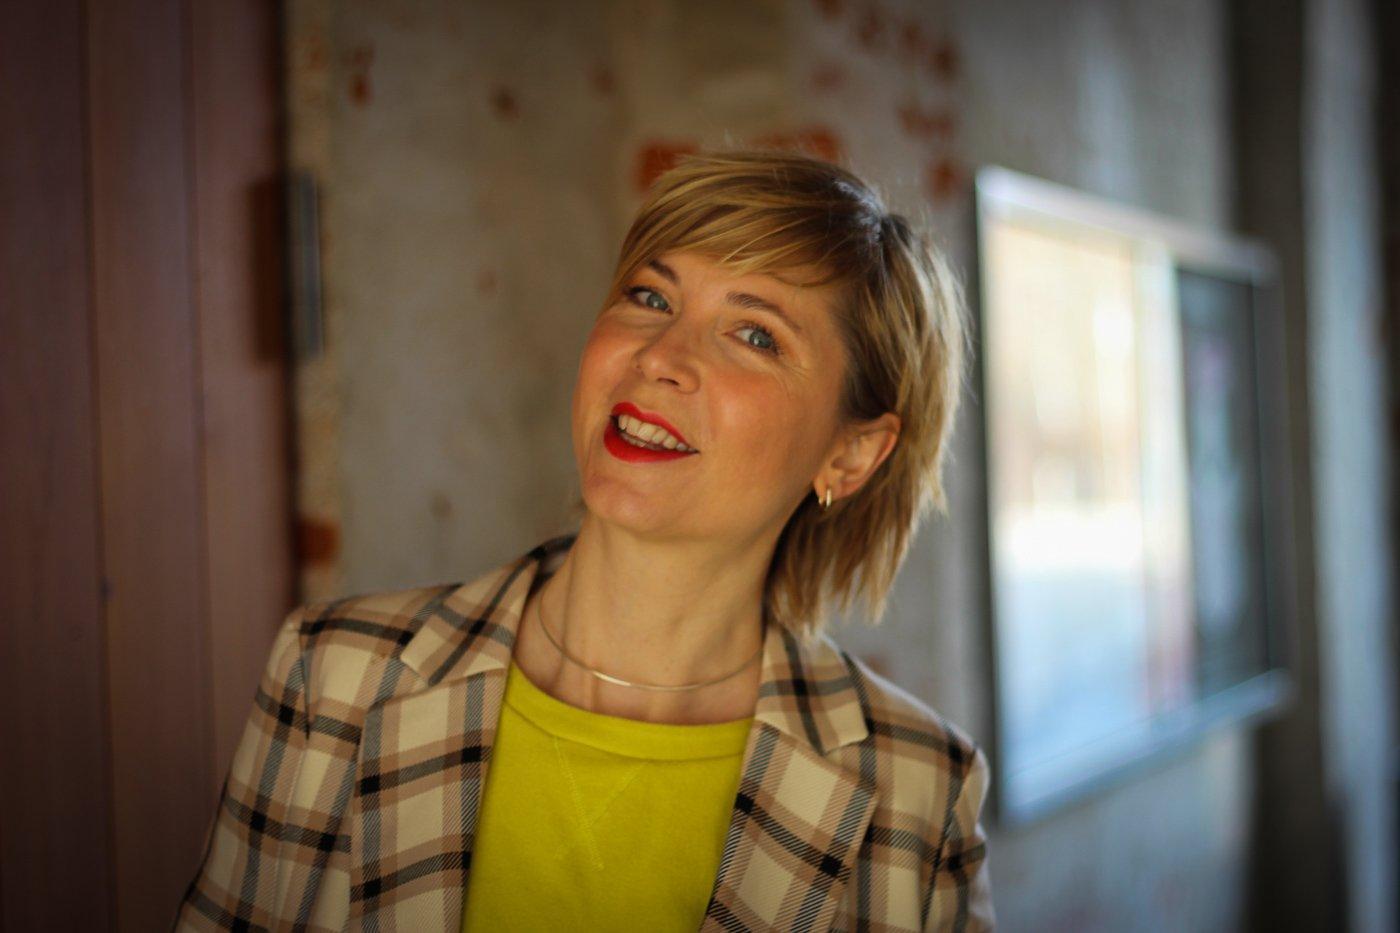 conny doll lifestyle: Frau, Bloggerin, Gleichberechtigung, Weltfrauentag